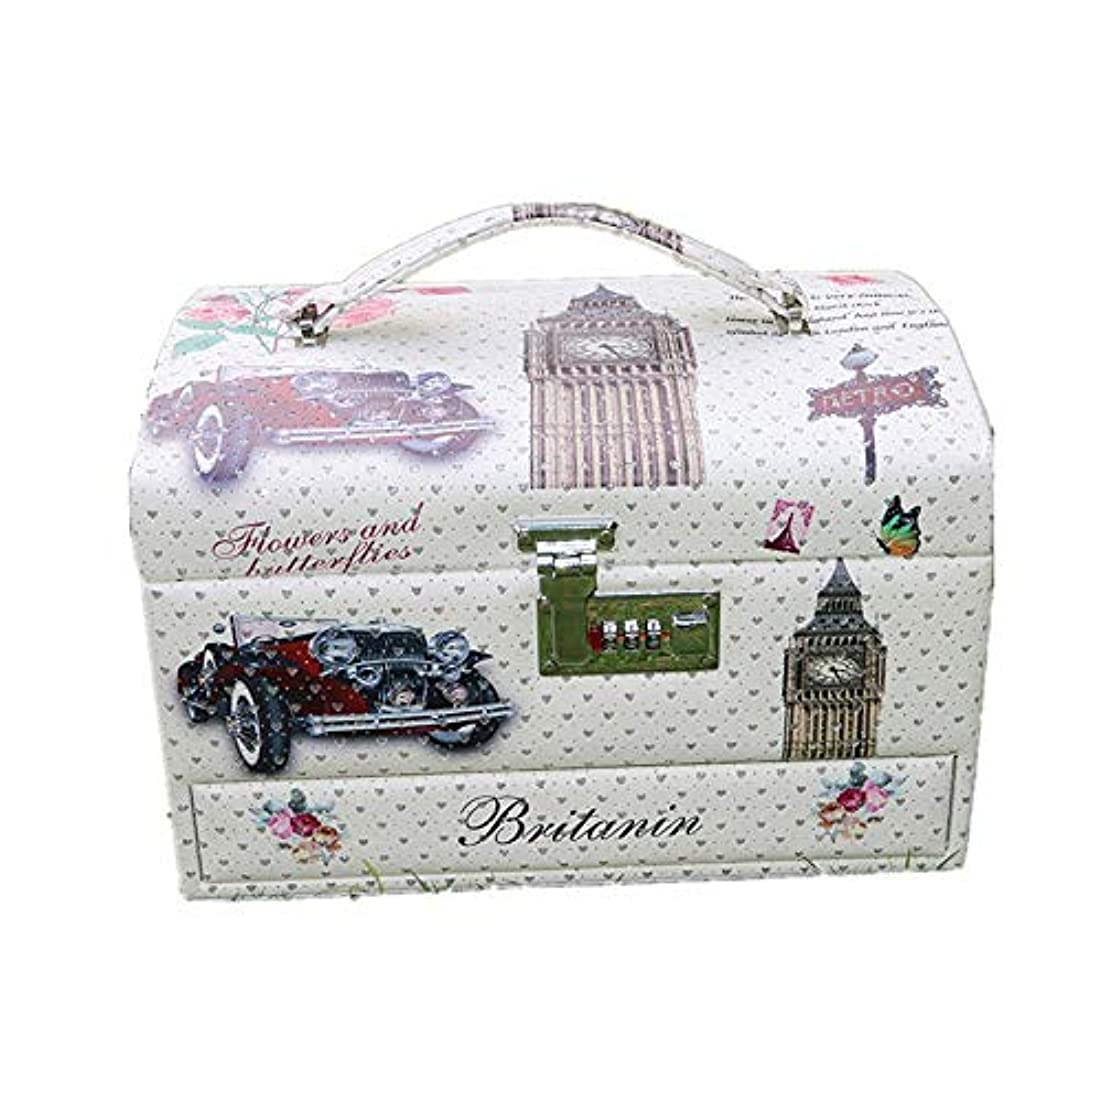 外交バラ色壁化粧オーガナイザーバッグ 大容量ポータブルPUレザー化粧品美容メイクアップ化粧ケースロックと化粧鏡 化粧品ケース